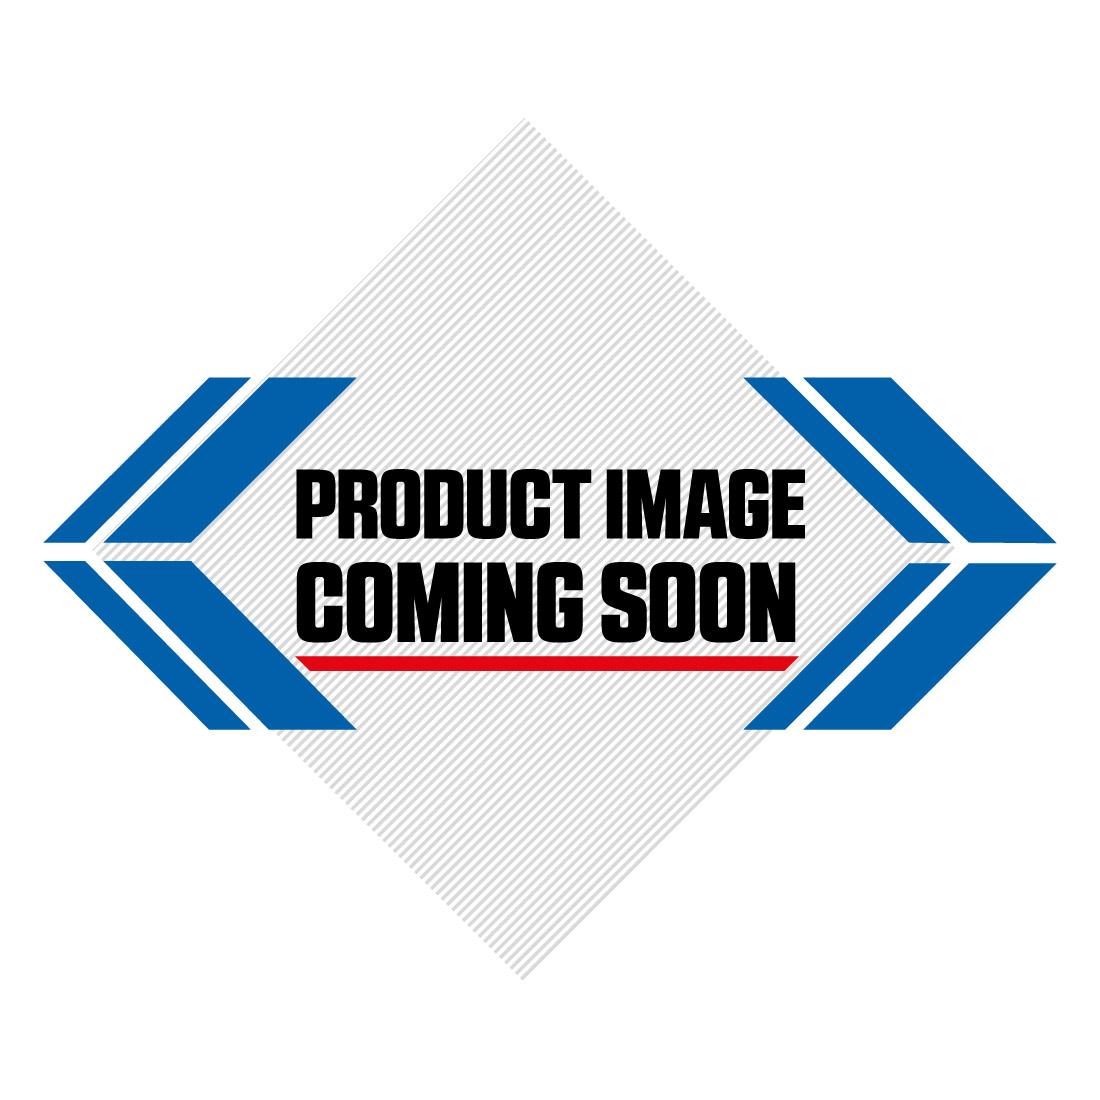 Front fender Husqvarna 80 125cc, Accossato 80cc, Aim 80cc (1980-85) Image-1>